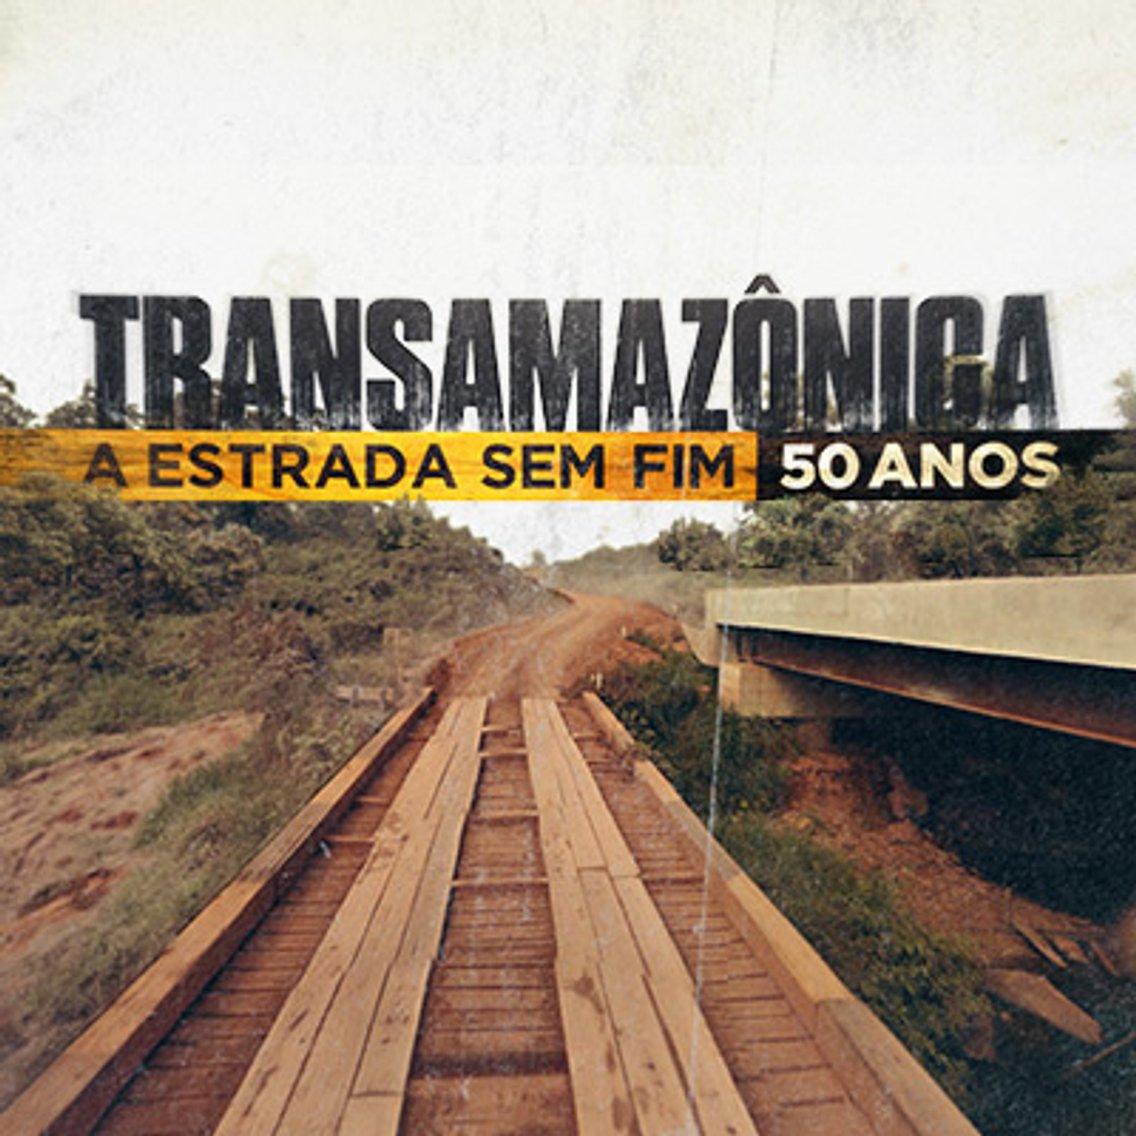 Transamazônica - imagen de portada